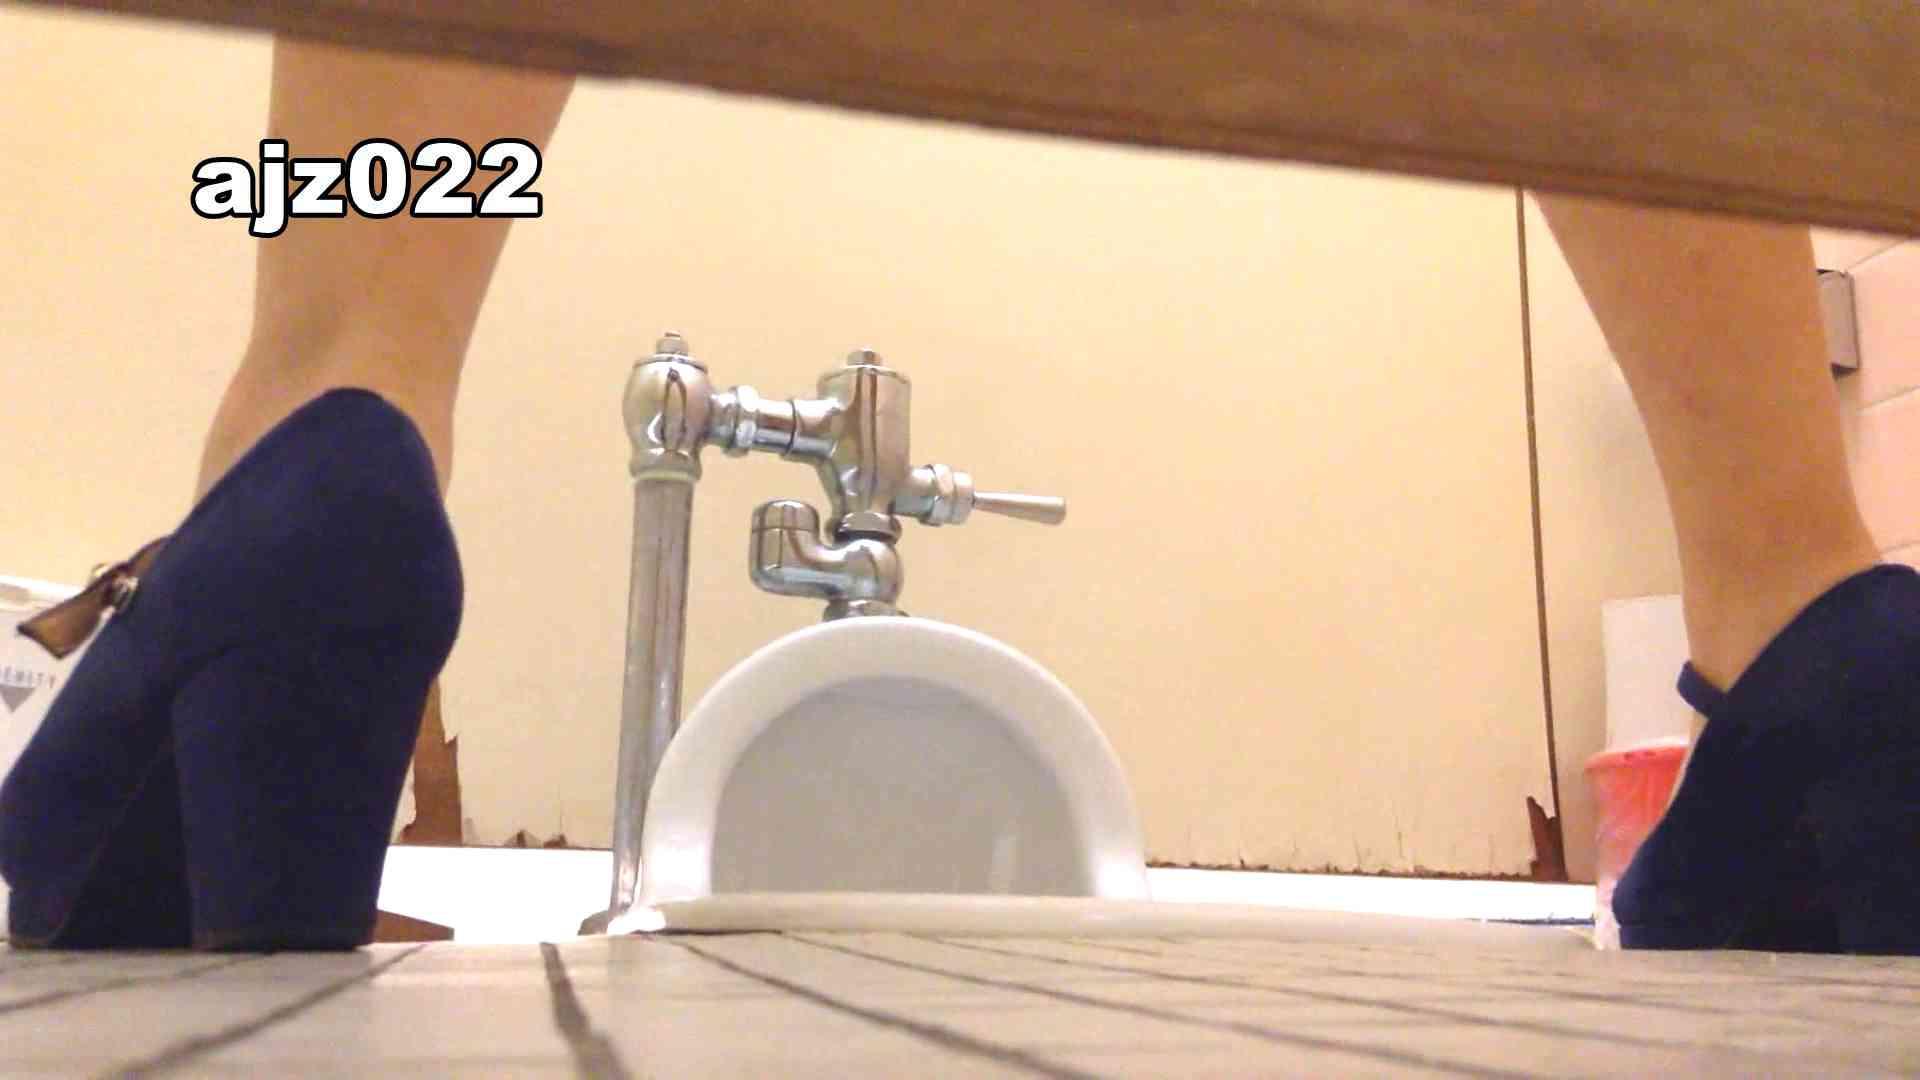 某有名大学女性洗面所 vol.22 排泄  78PIX 50